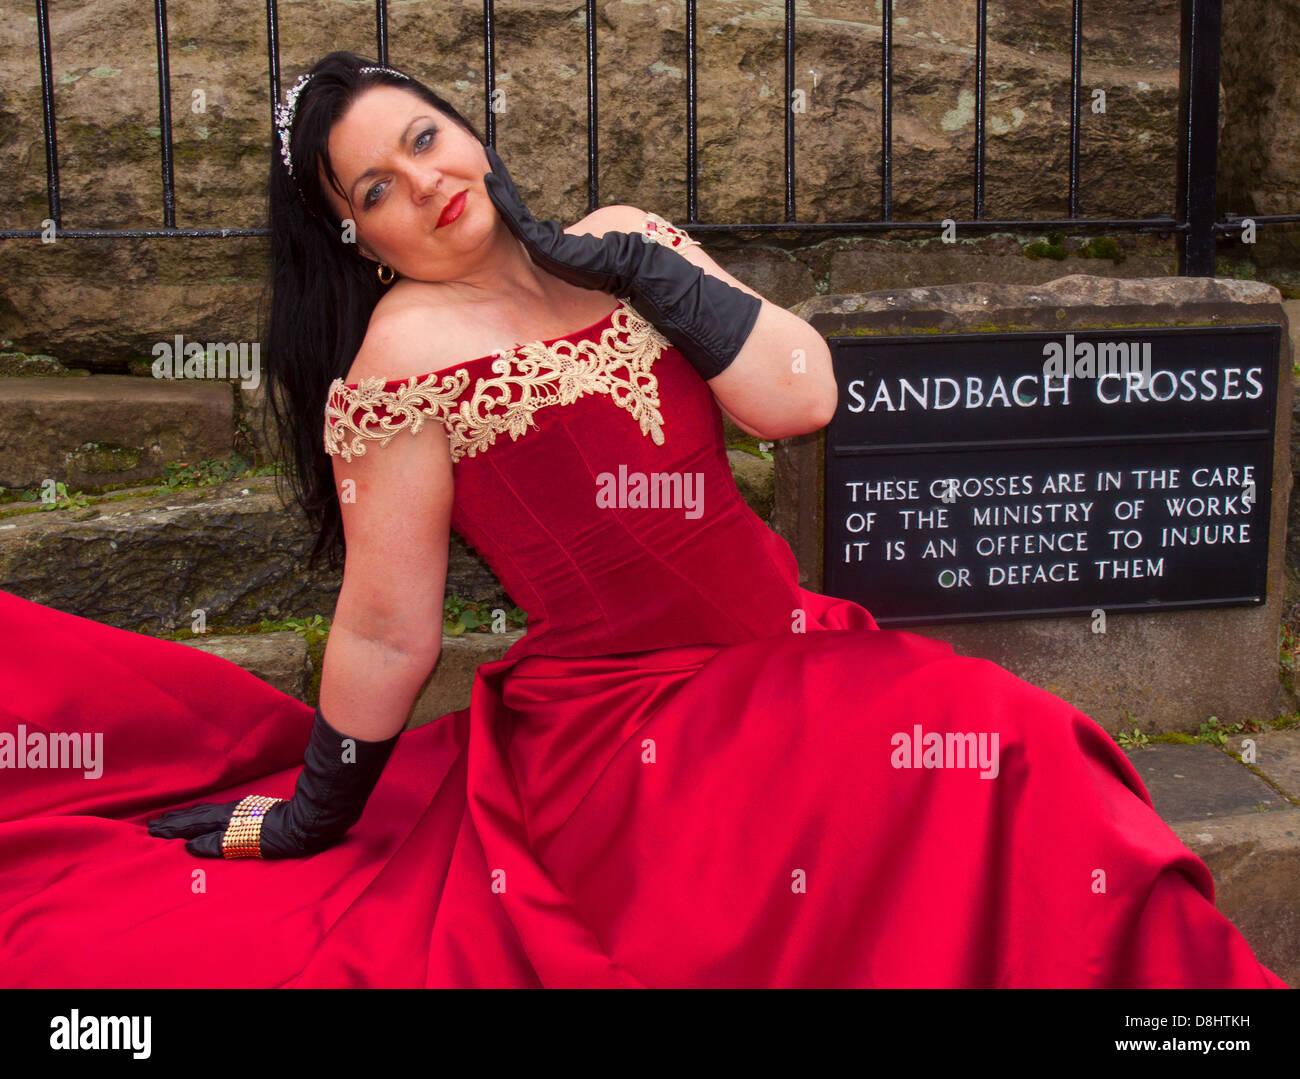 Dieses Stockfoto: Die Frau im roten Kleid vor sandbach Kreuze, Marktplatz, Sandbach, Cheshire, England, CW 11 1 AN - D8HTKH